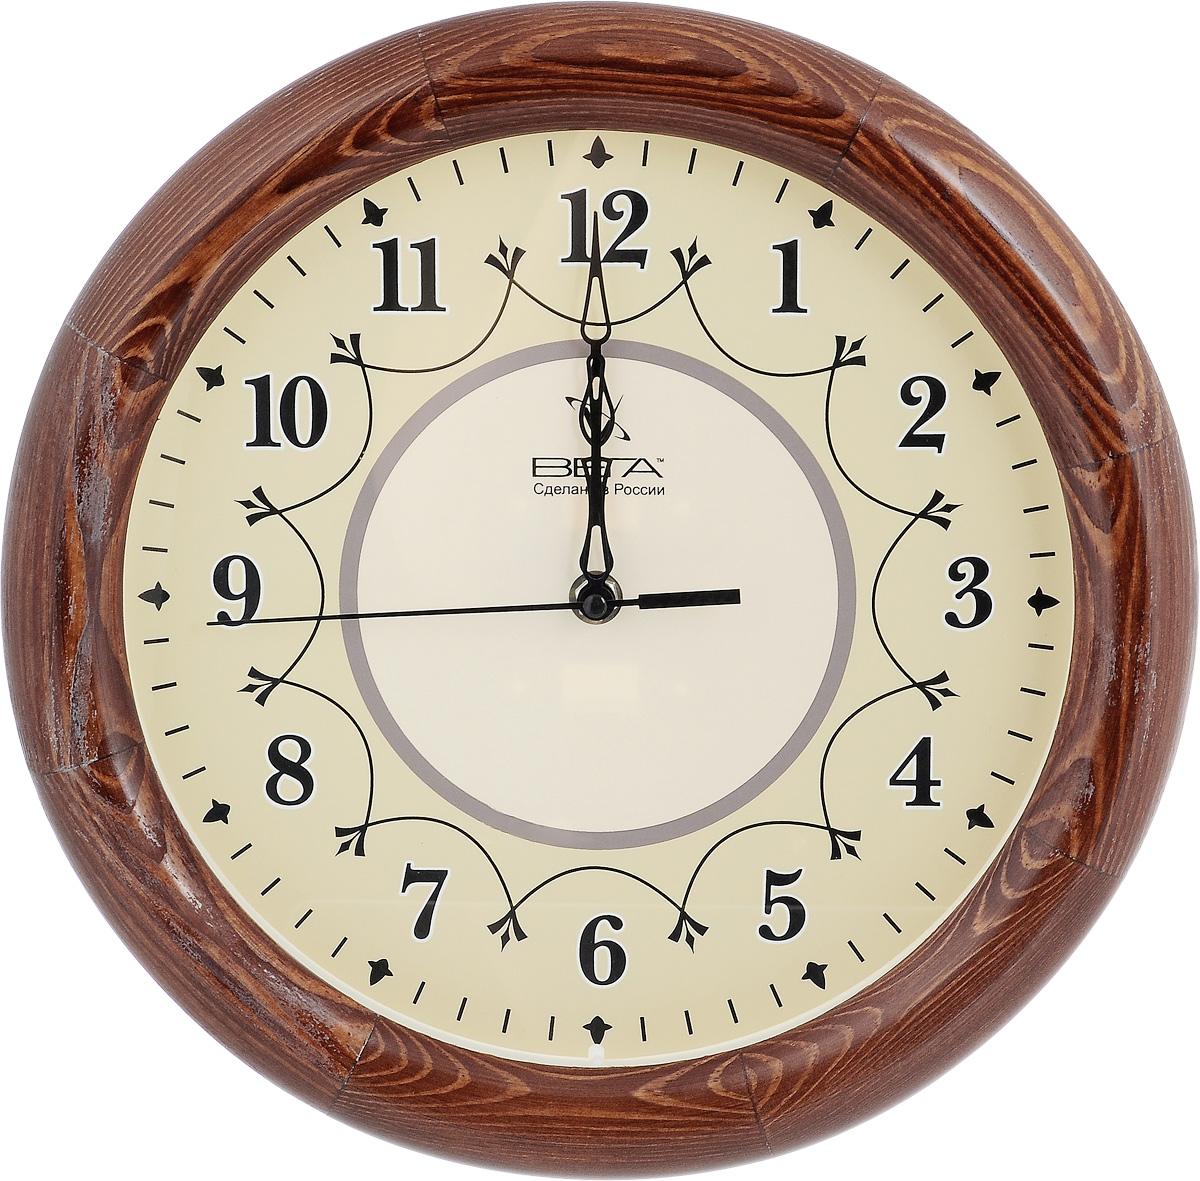 Часы настенные Вега Классика, диаметр 30 см. Д1КД/7Д1КД/7-12Настенные кварцевые часы Вега Классика, изготовленные из дерева, прекрасно впишутся в интерьер вашего дома. Часы имеют три стрелки: часовую, минутную и секундную, циферблат защищен прозрачным стеклом. Часы работают от 1 батарейки типа АА напряжением 1,5 В (не входит в комплект). Диаметр часов: 30 см.